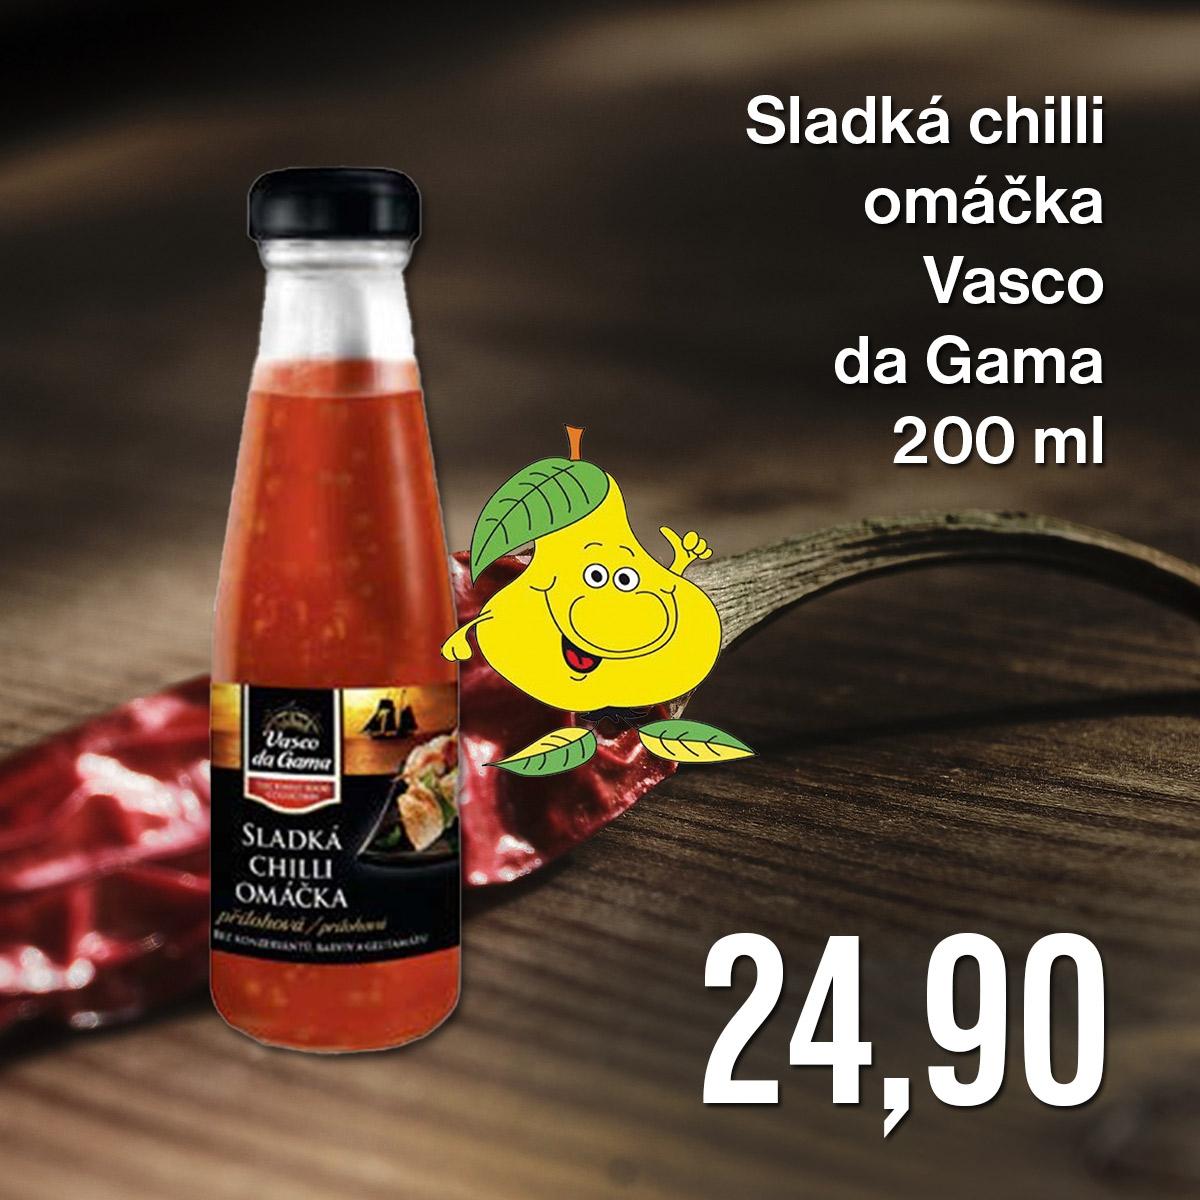 Sladká chilli omáčka 200ml